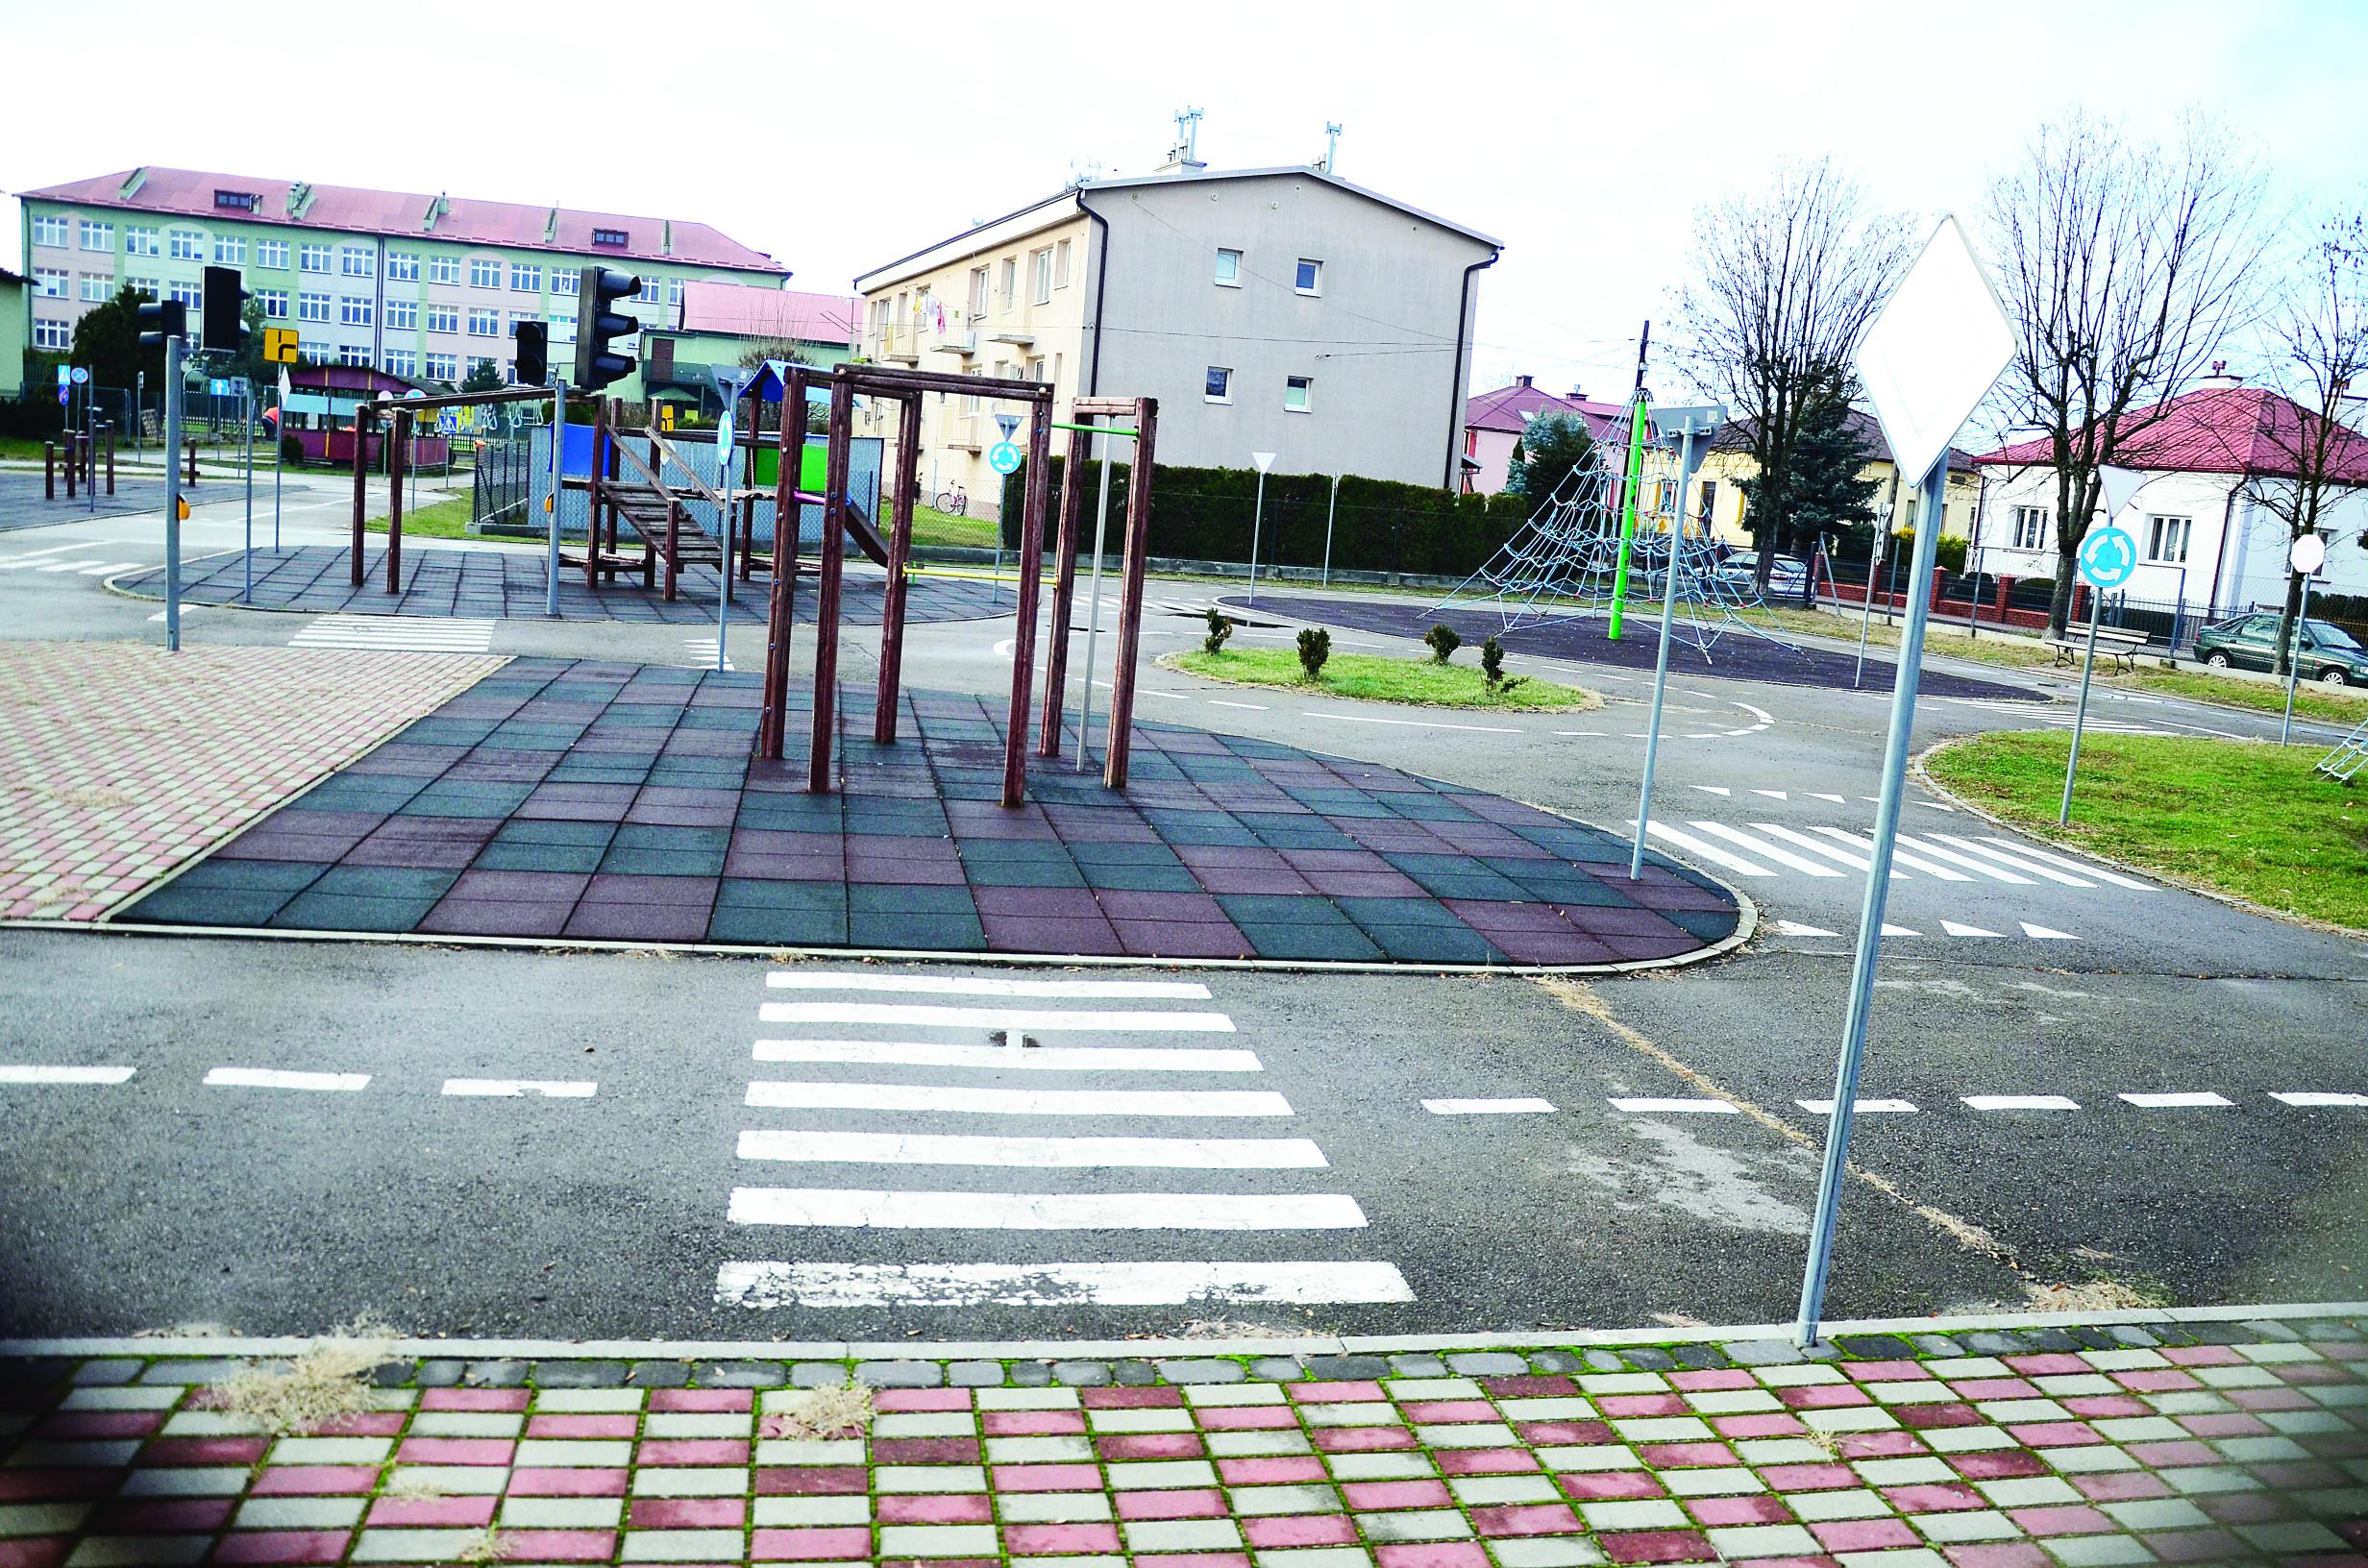 Fontanny, miasteczko ruchu i plac zabaw - między innymi takie atrakcje mają pojawić się na placu przy ul. Jagiellońskiej w Majdanie Królewskim  - Zdjęcie główne